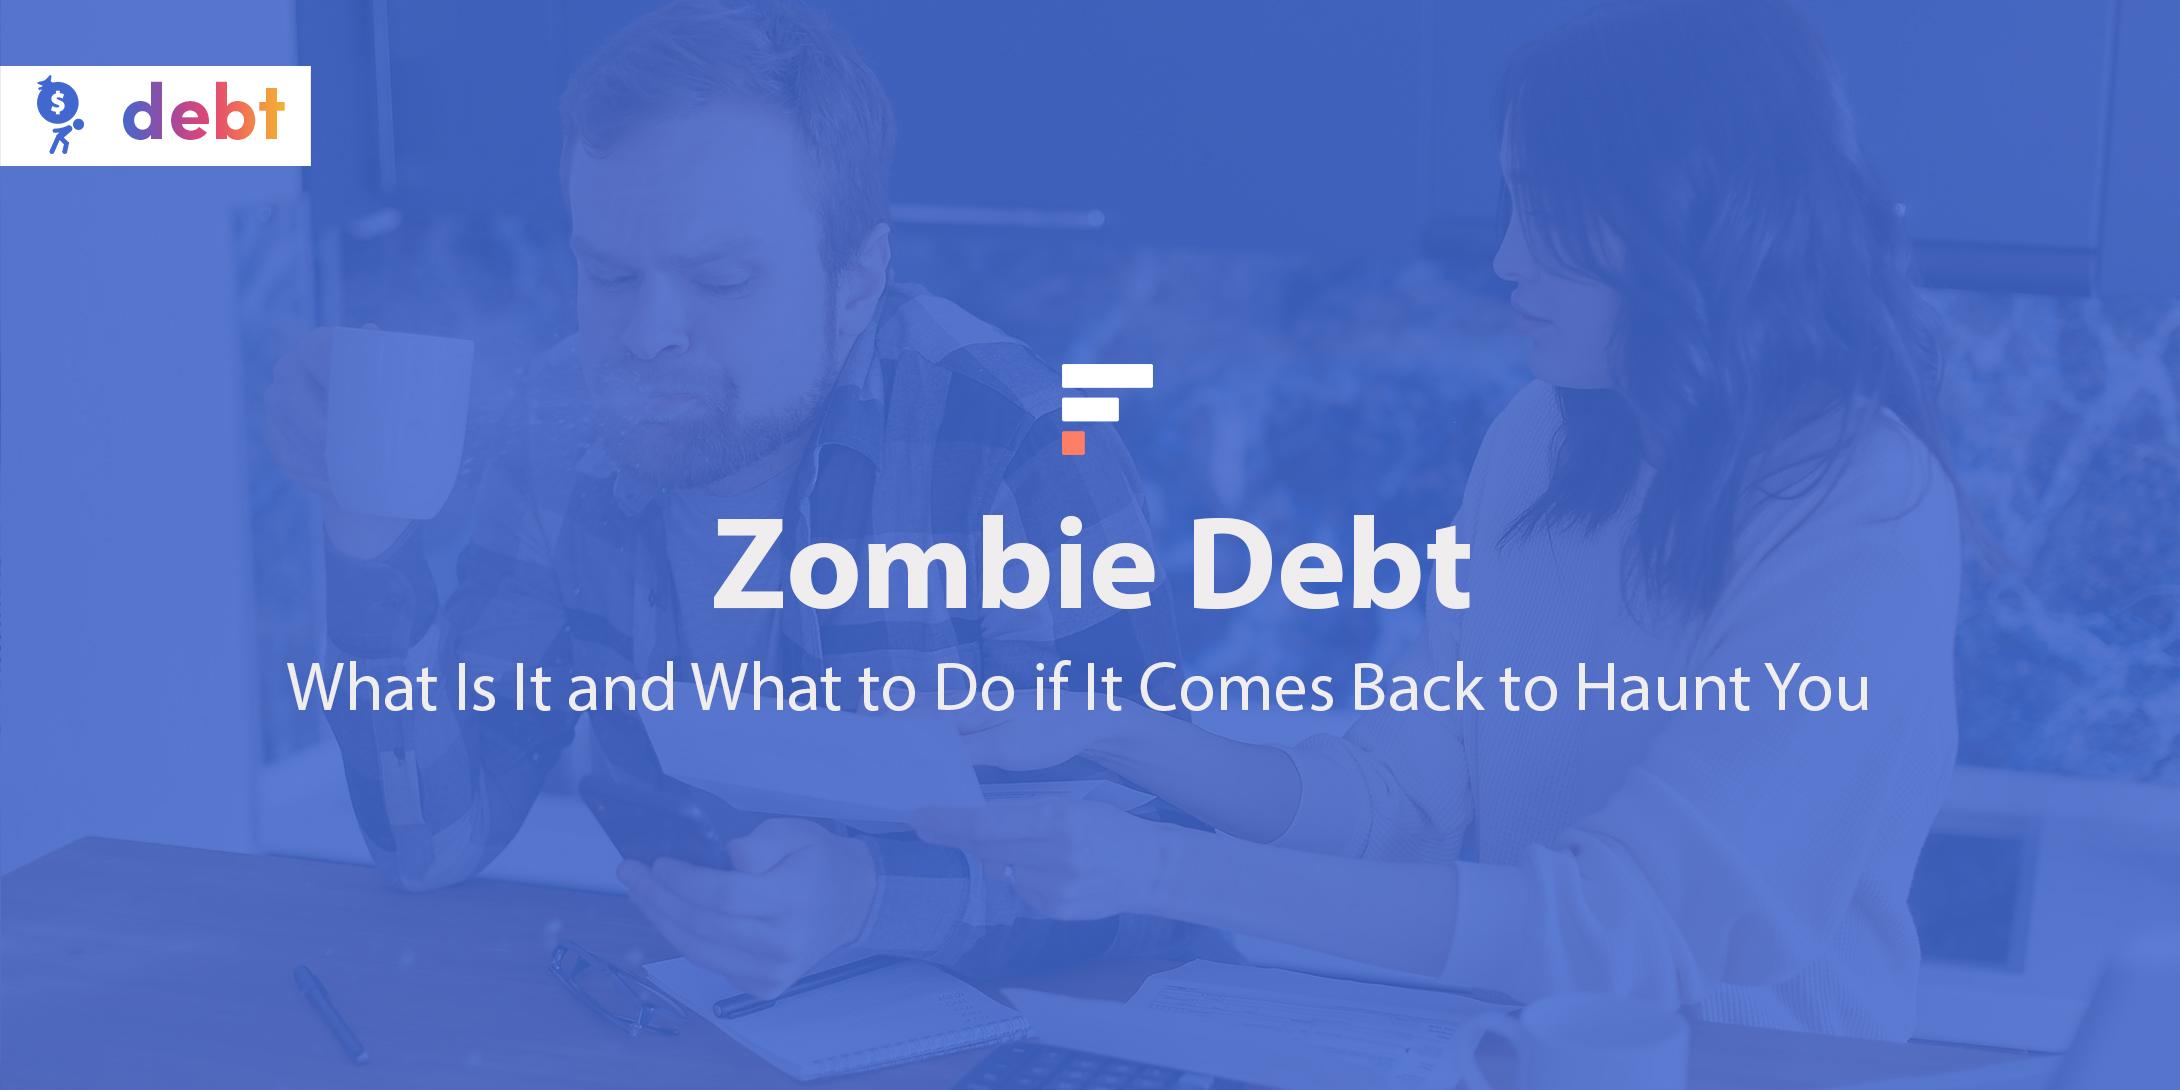 Zombie debt